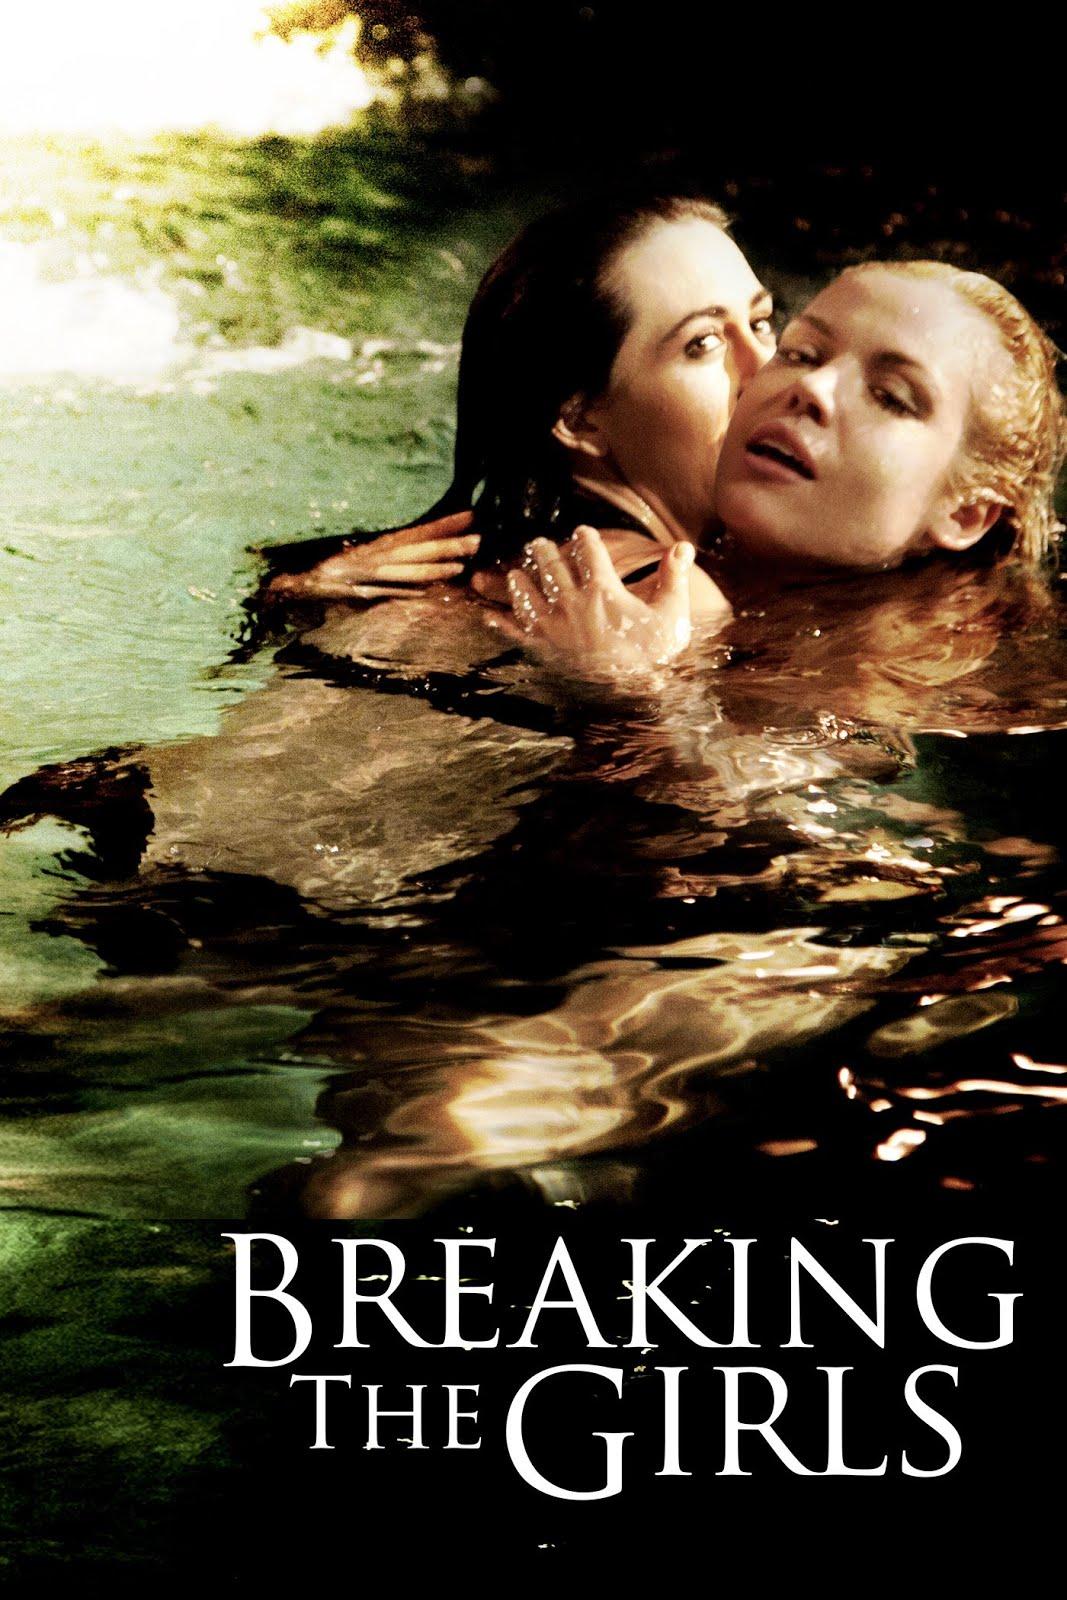 18+ Breaking the Girls (2012) English 720p BluRay Full Movie